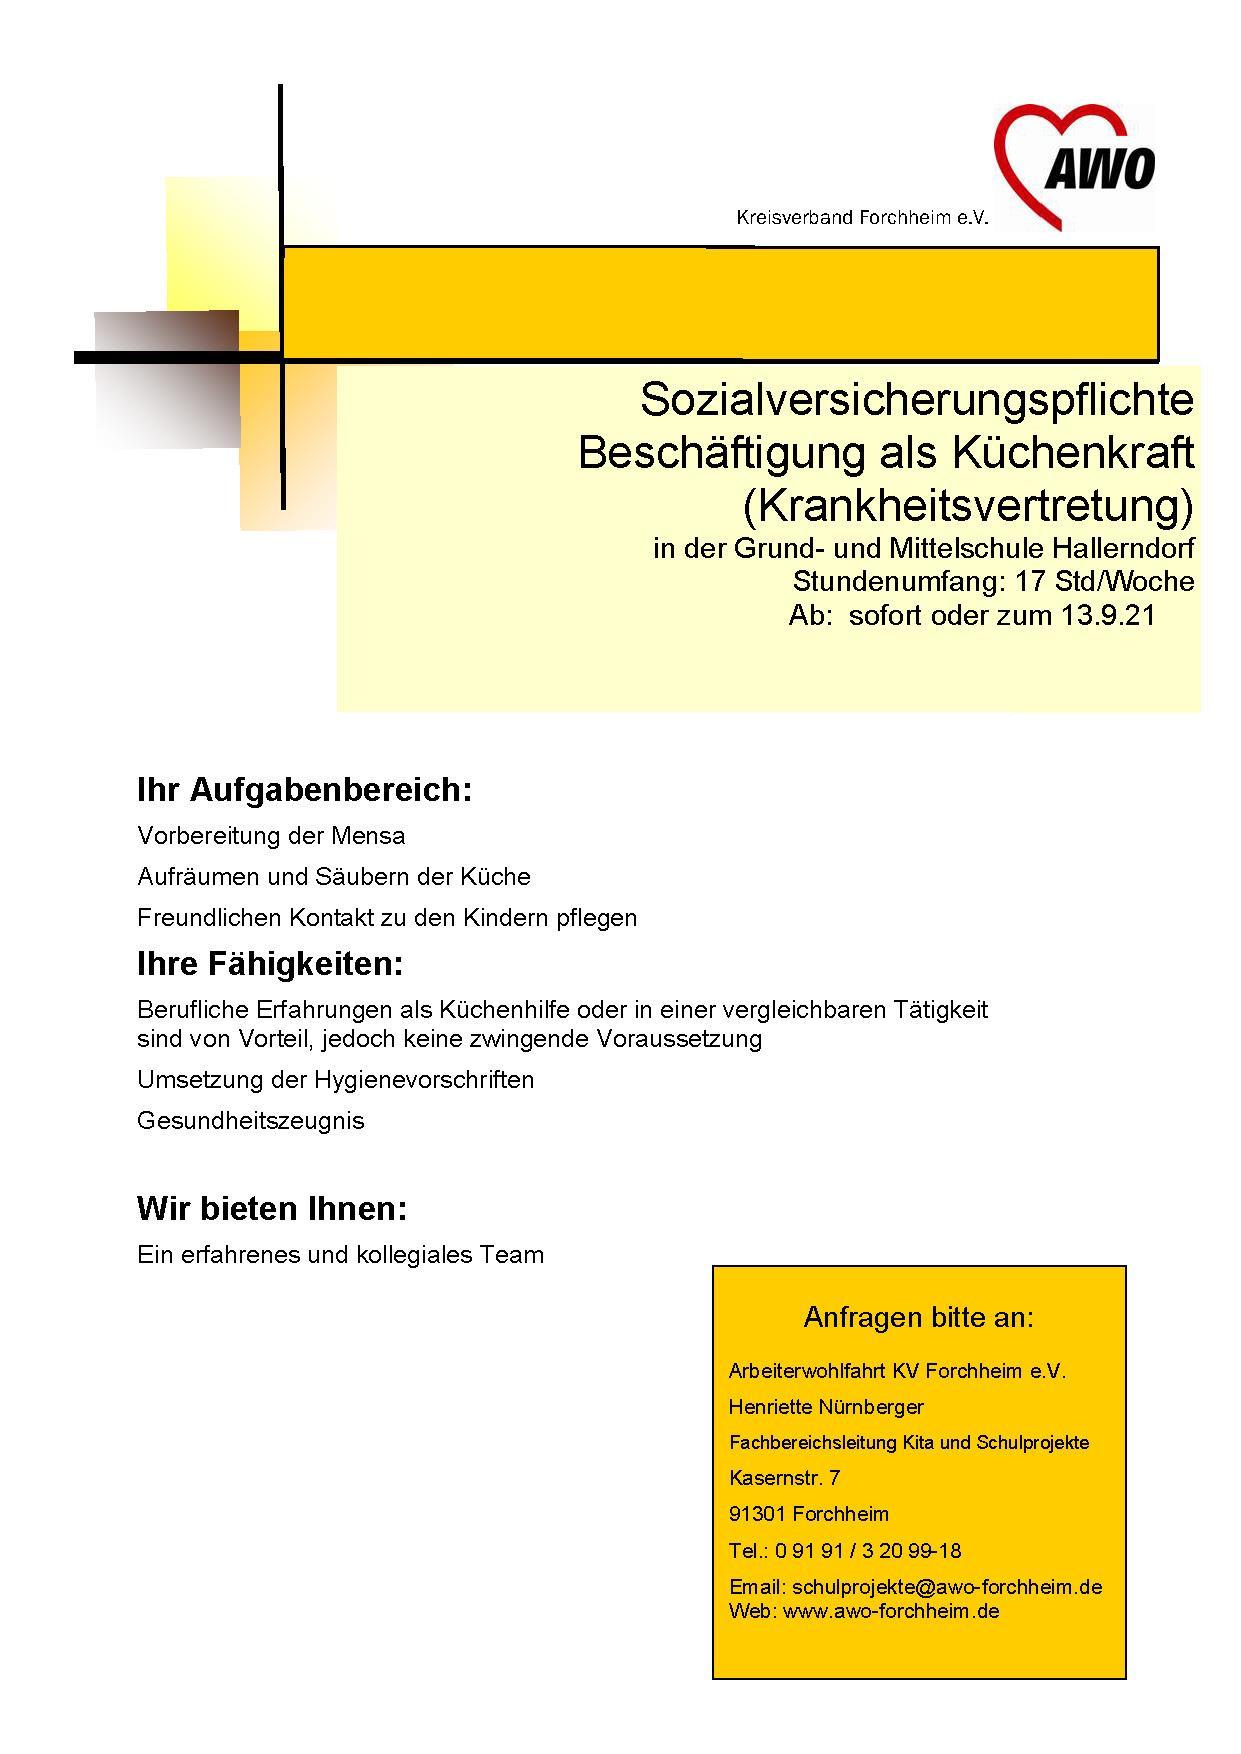 Küche Hallerndorf ab 6.21